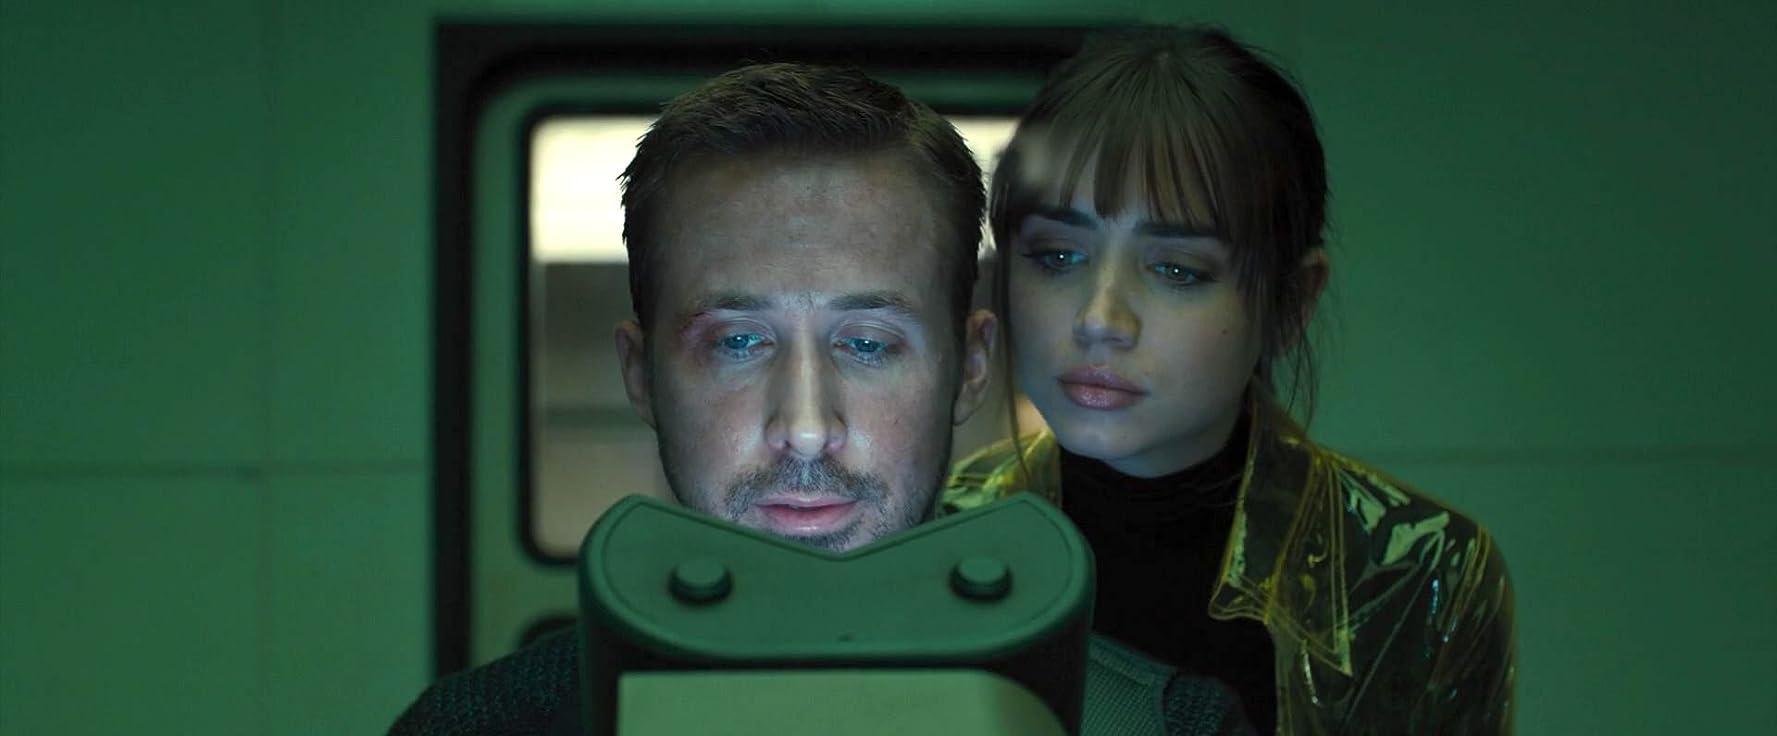 Vânătorul de recompense 2049 - Blade Runner 2049 (2017) Online Subtitrat in Romana